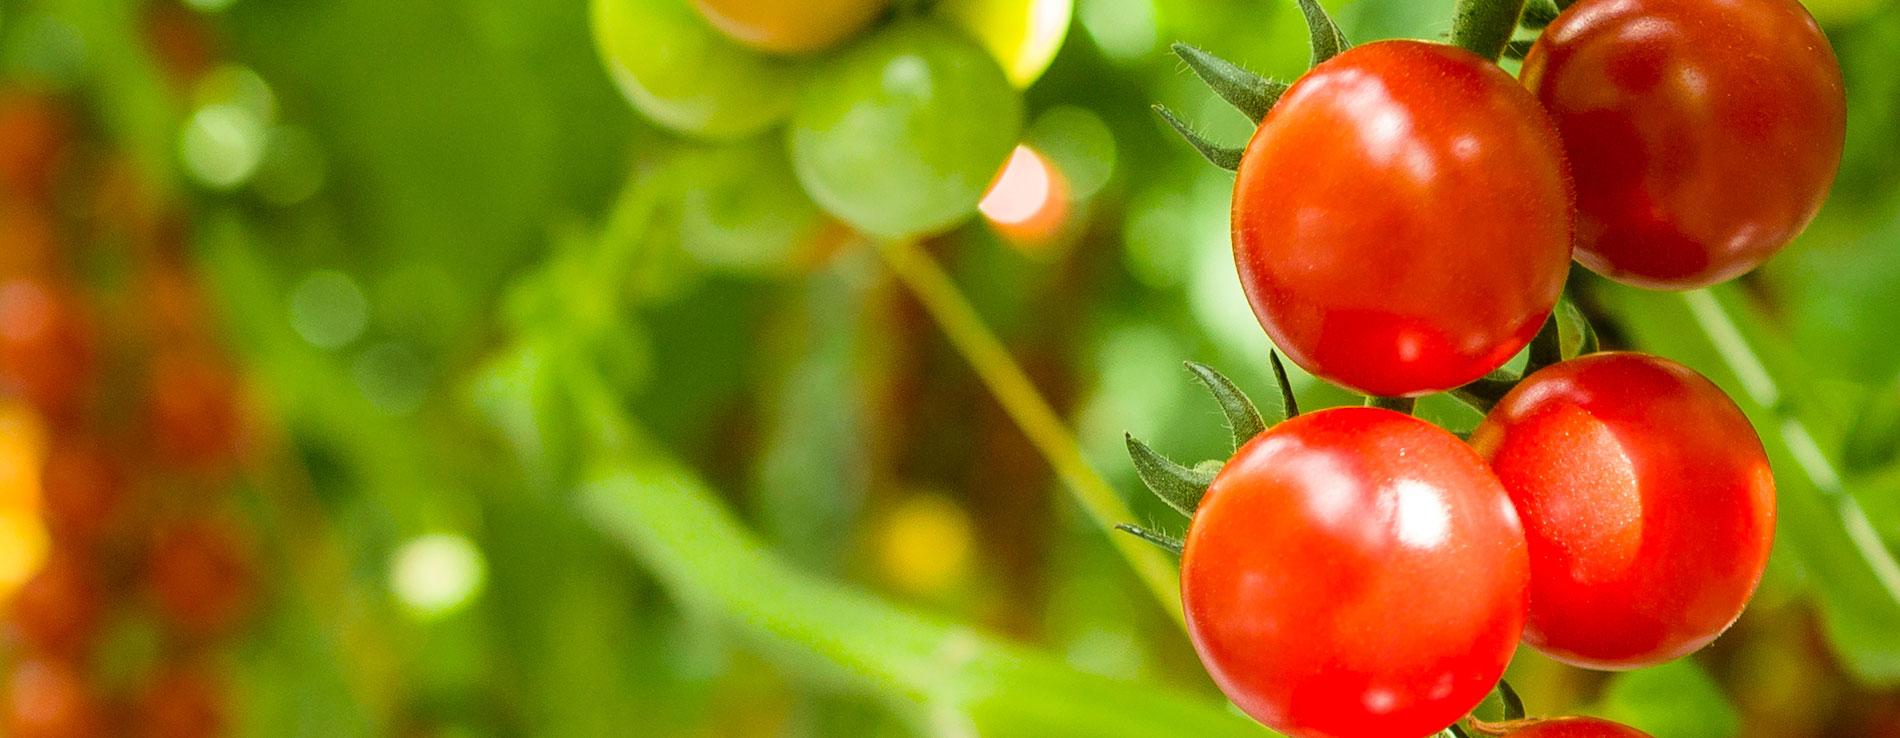 Grantstown Tomatoes Cherry Tomatoe